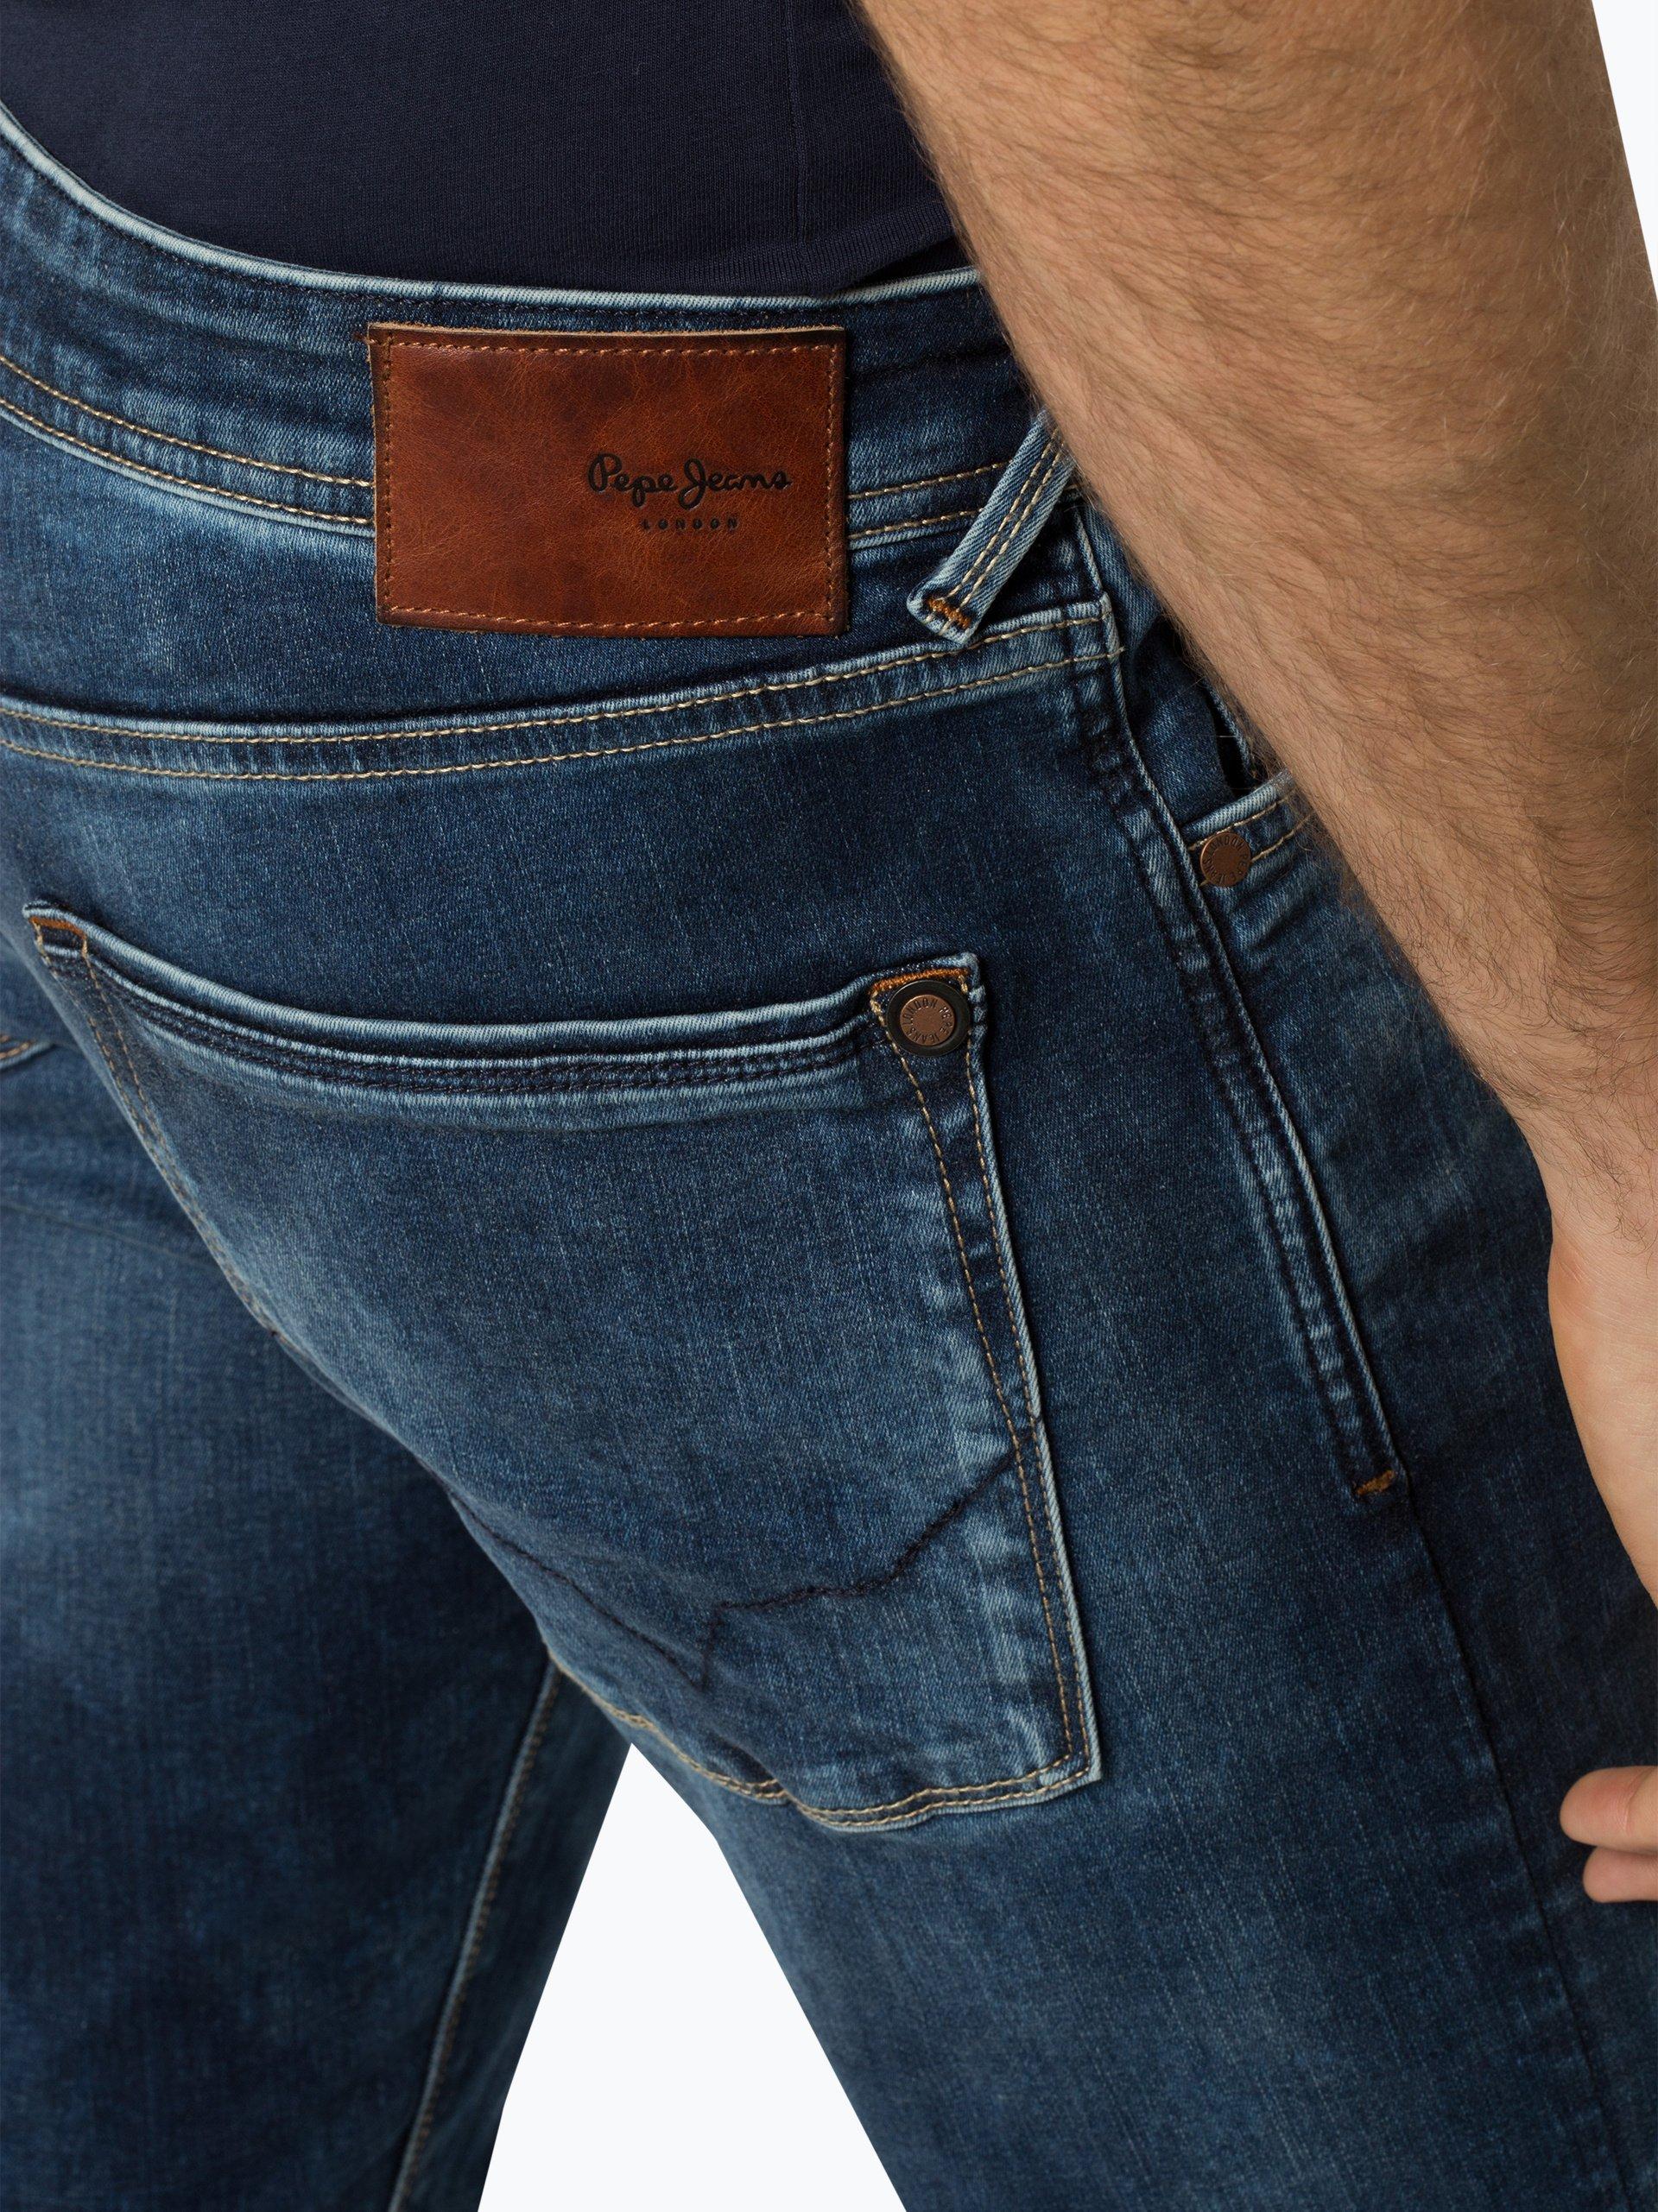 Pepe Jeans Herren Jeans - Stanley